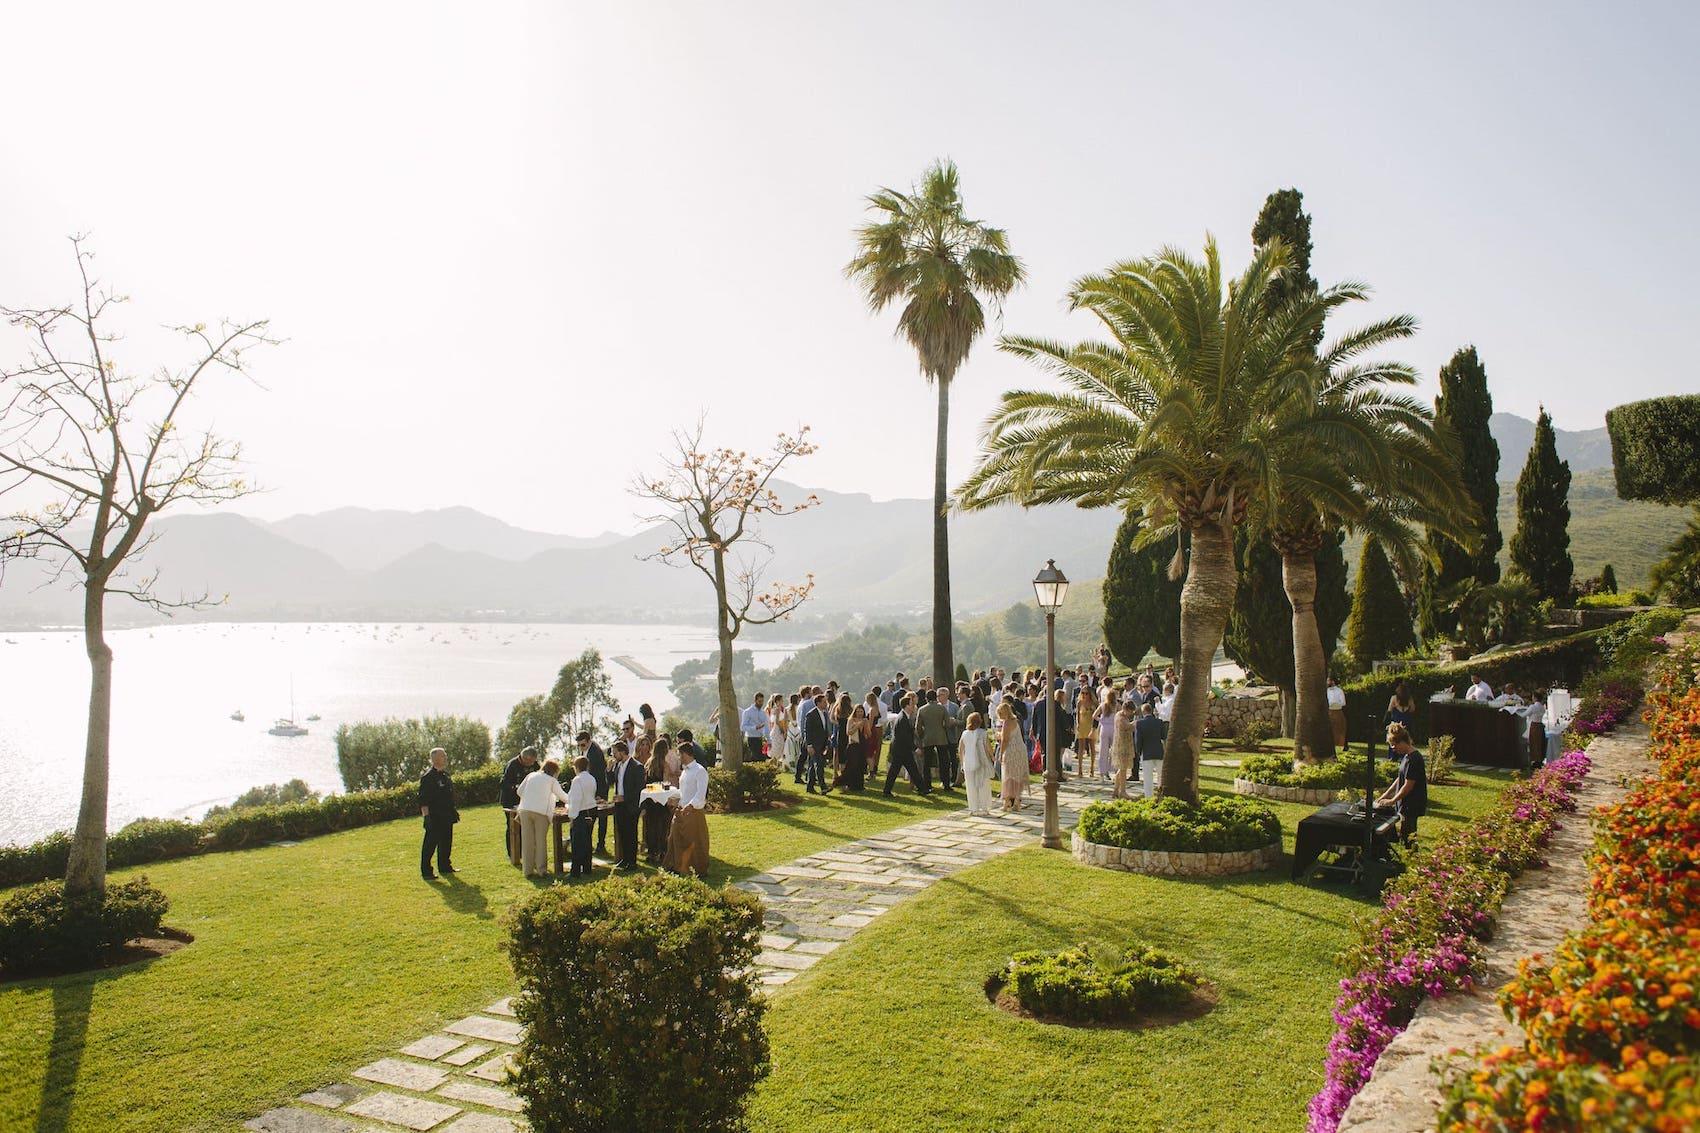 spectacular exclusive luxurious wedding venue in Pollensa, Mallorca